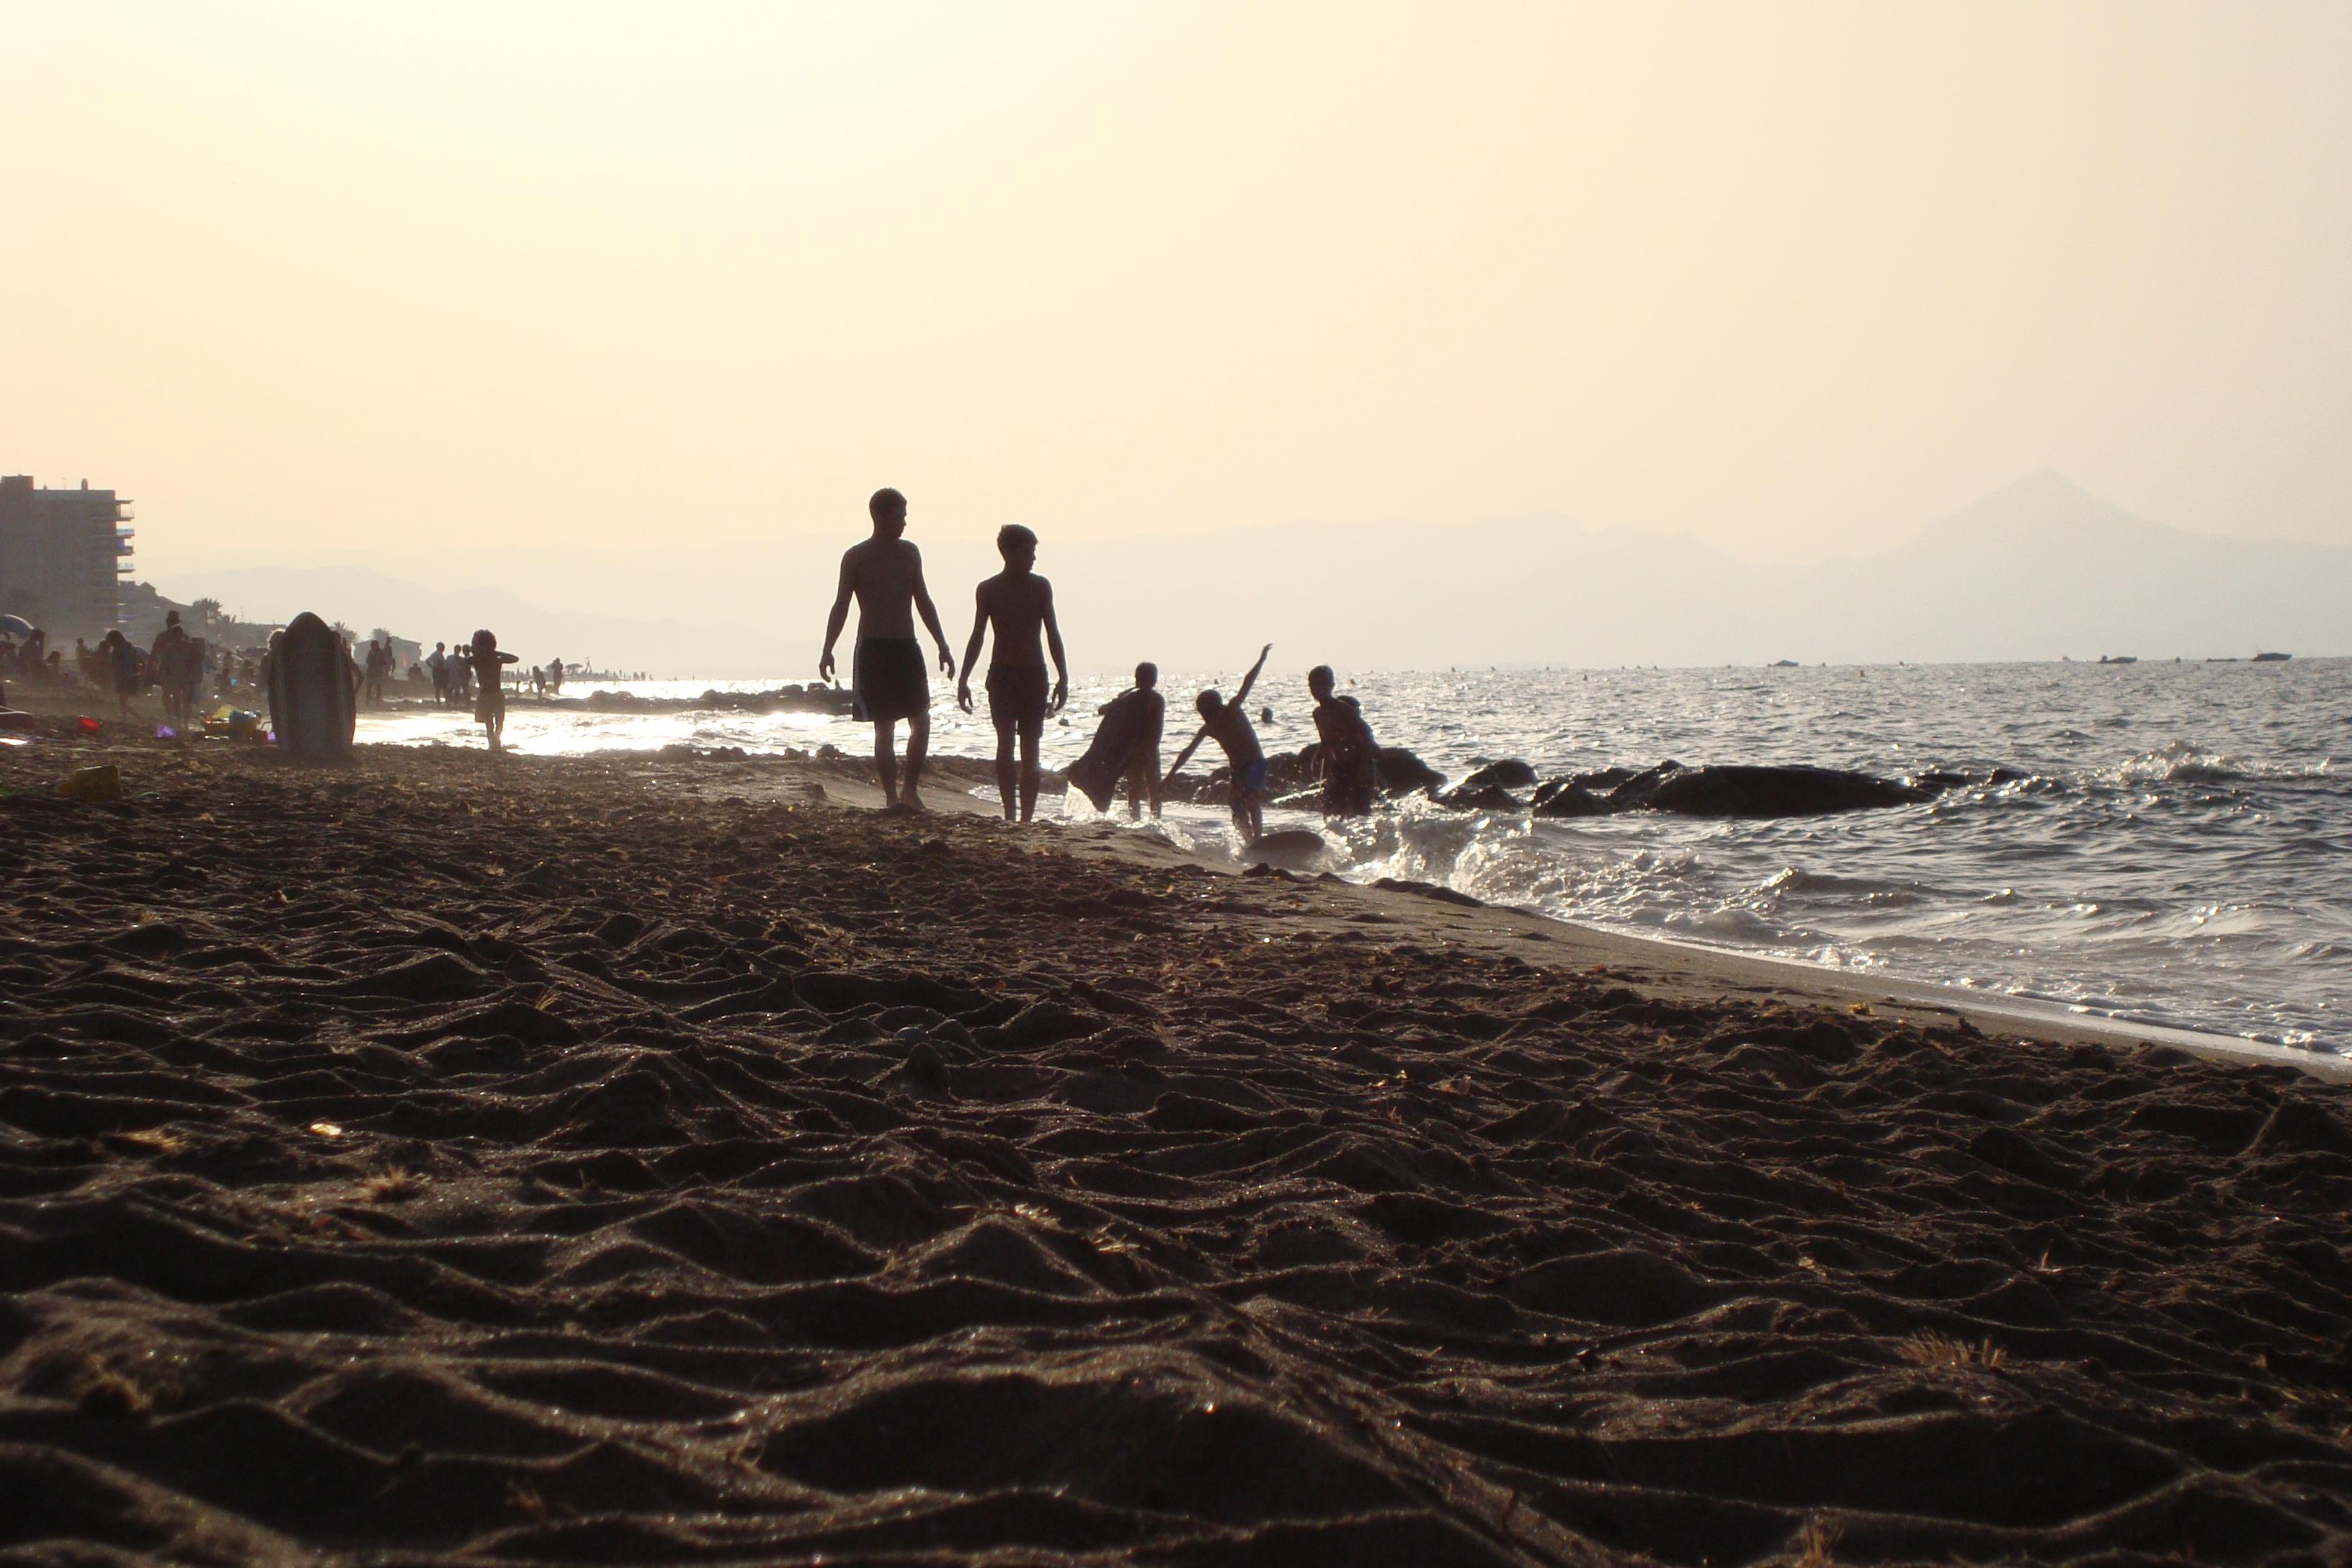 Playa Molinos y Palmeras / Punta dels molins